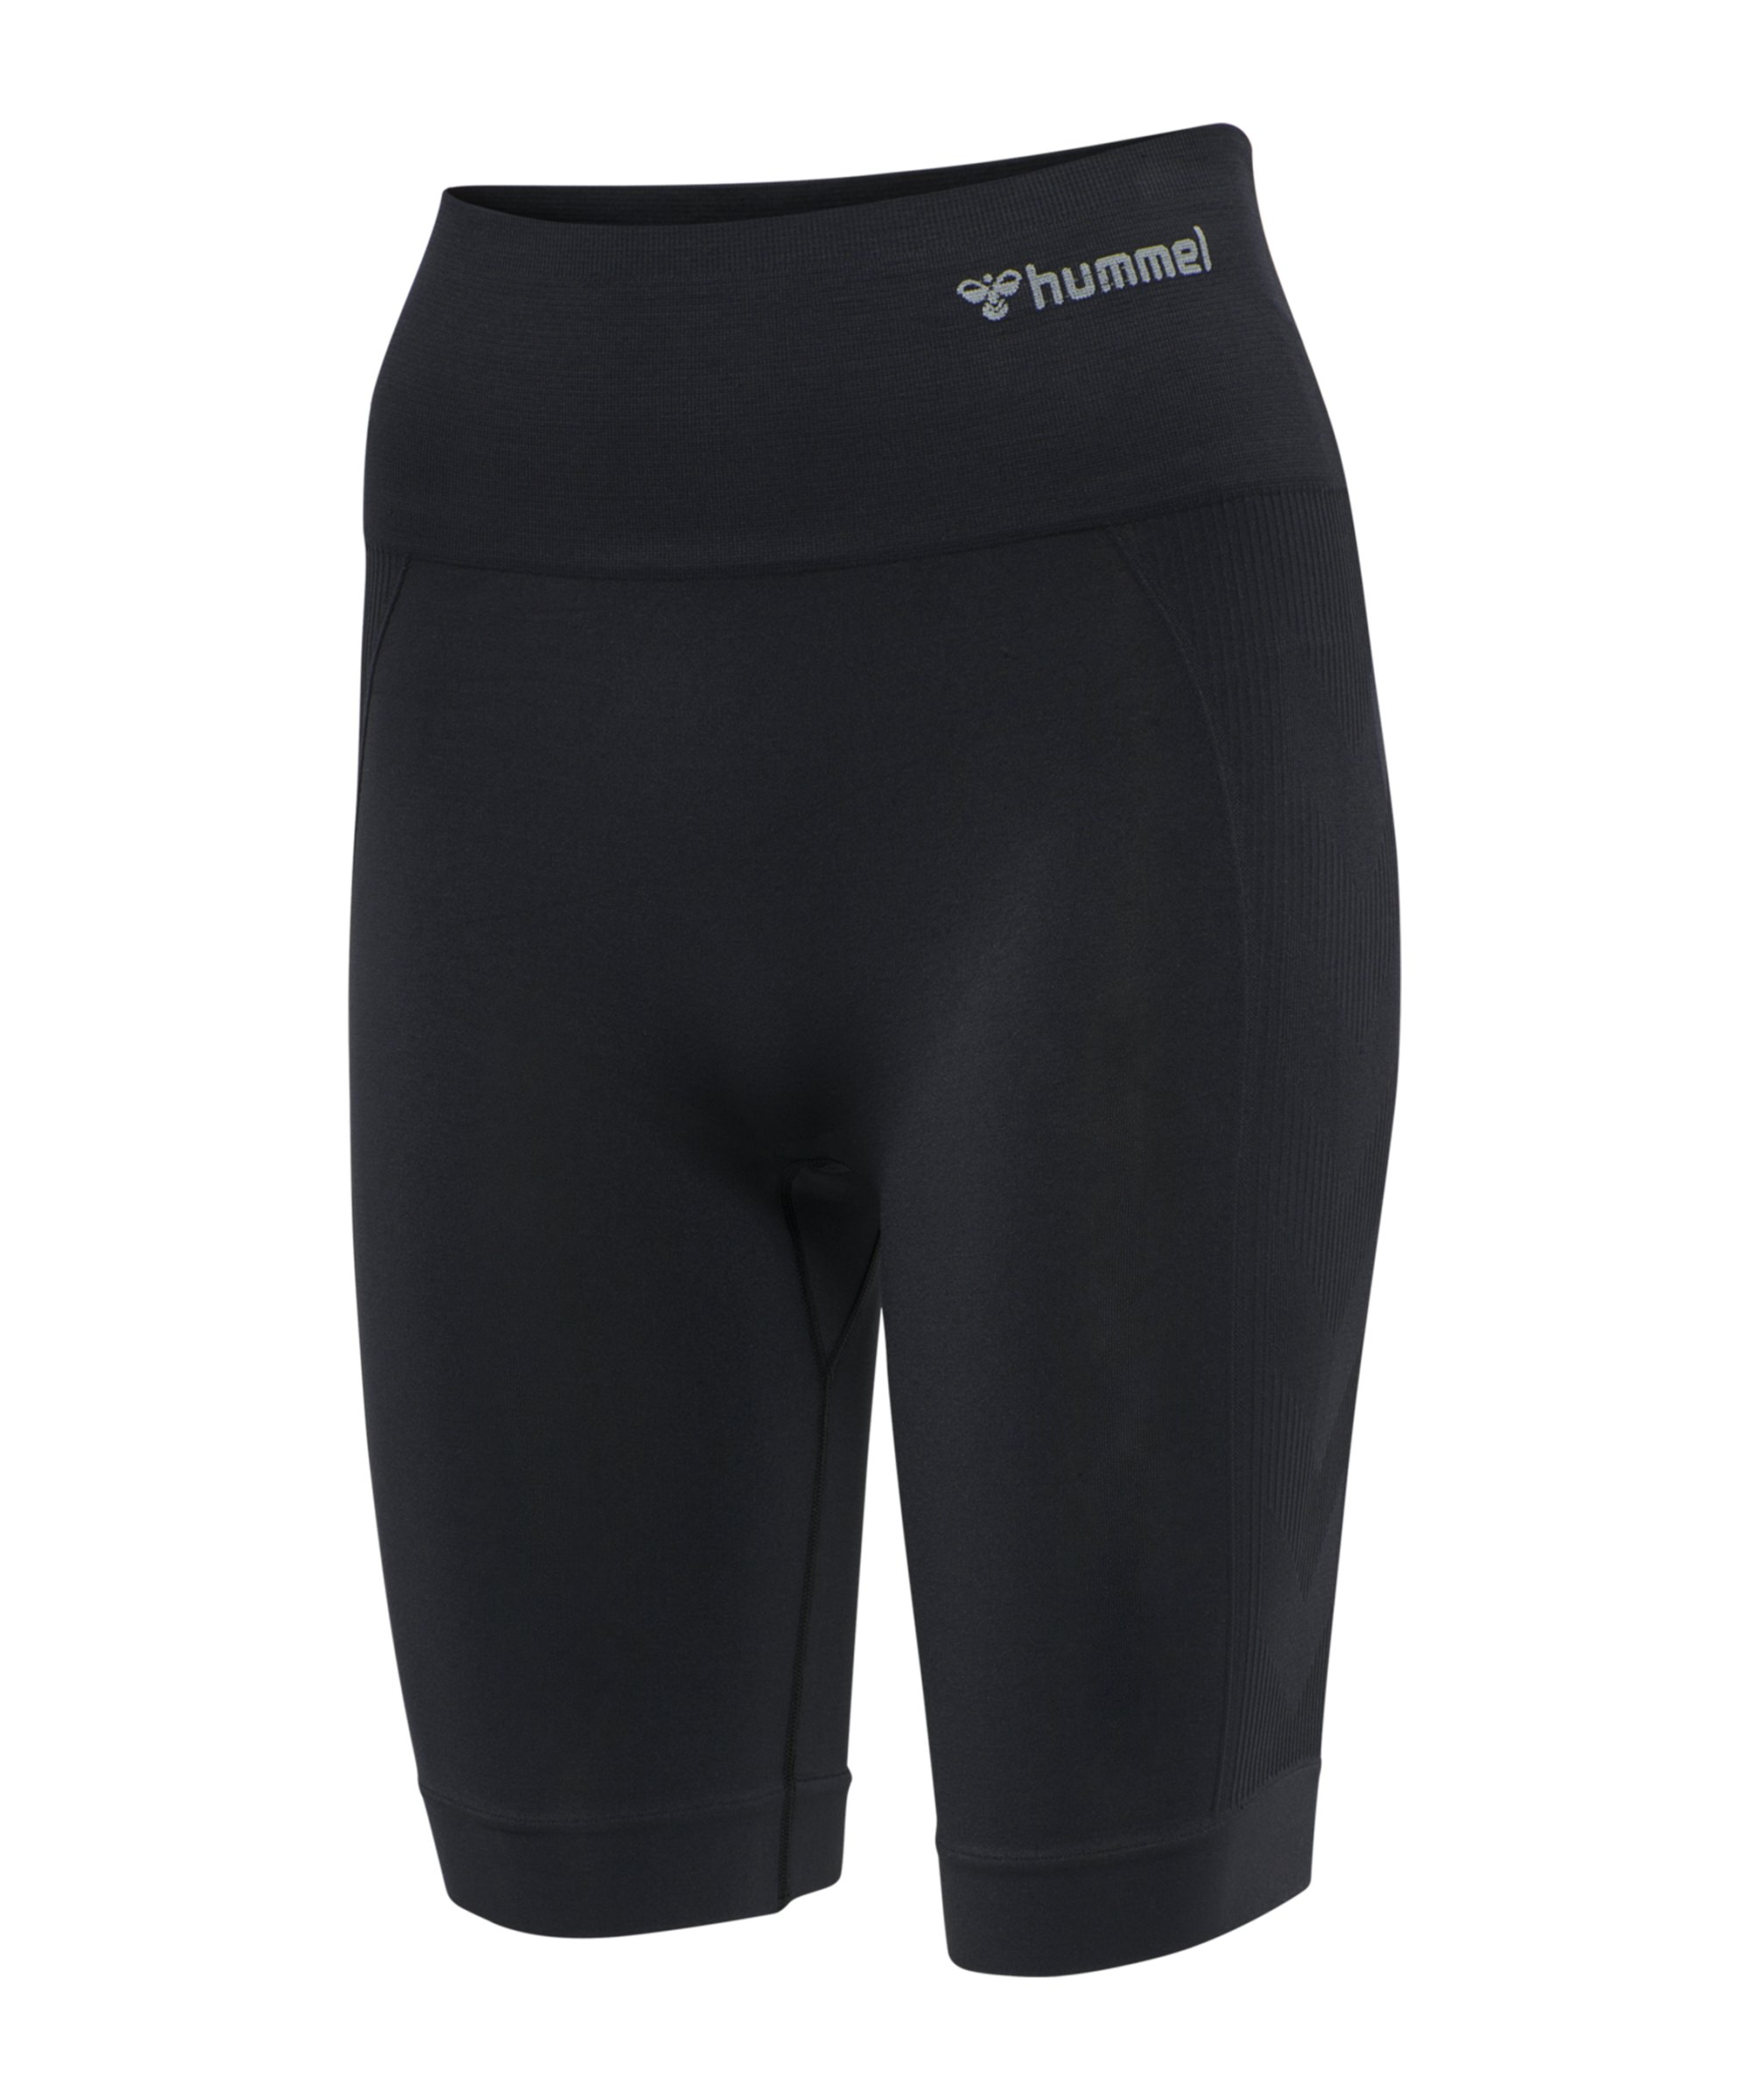 Hummel hmltif Seamless Cycling Short Damen F2001 - schwarz